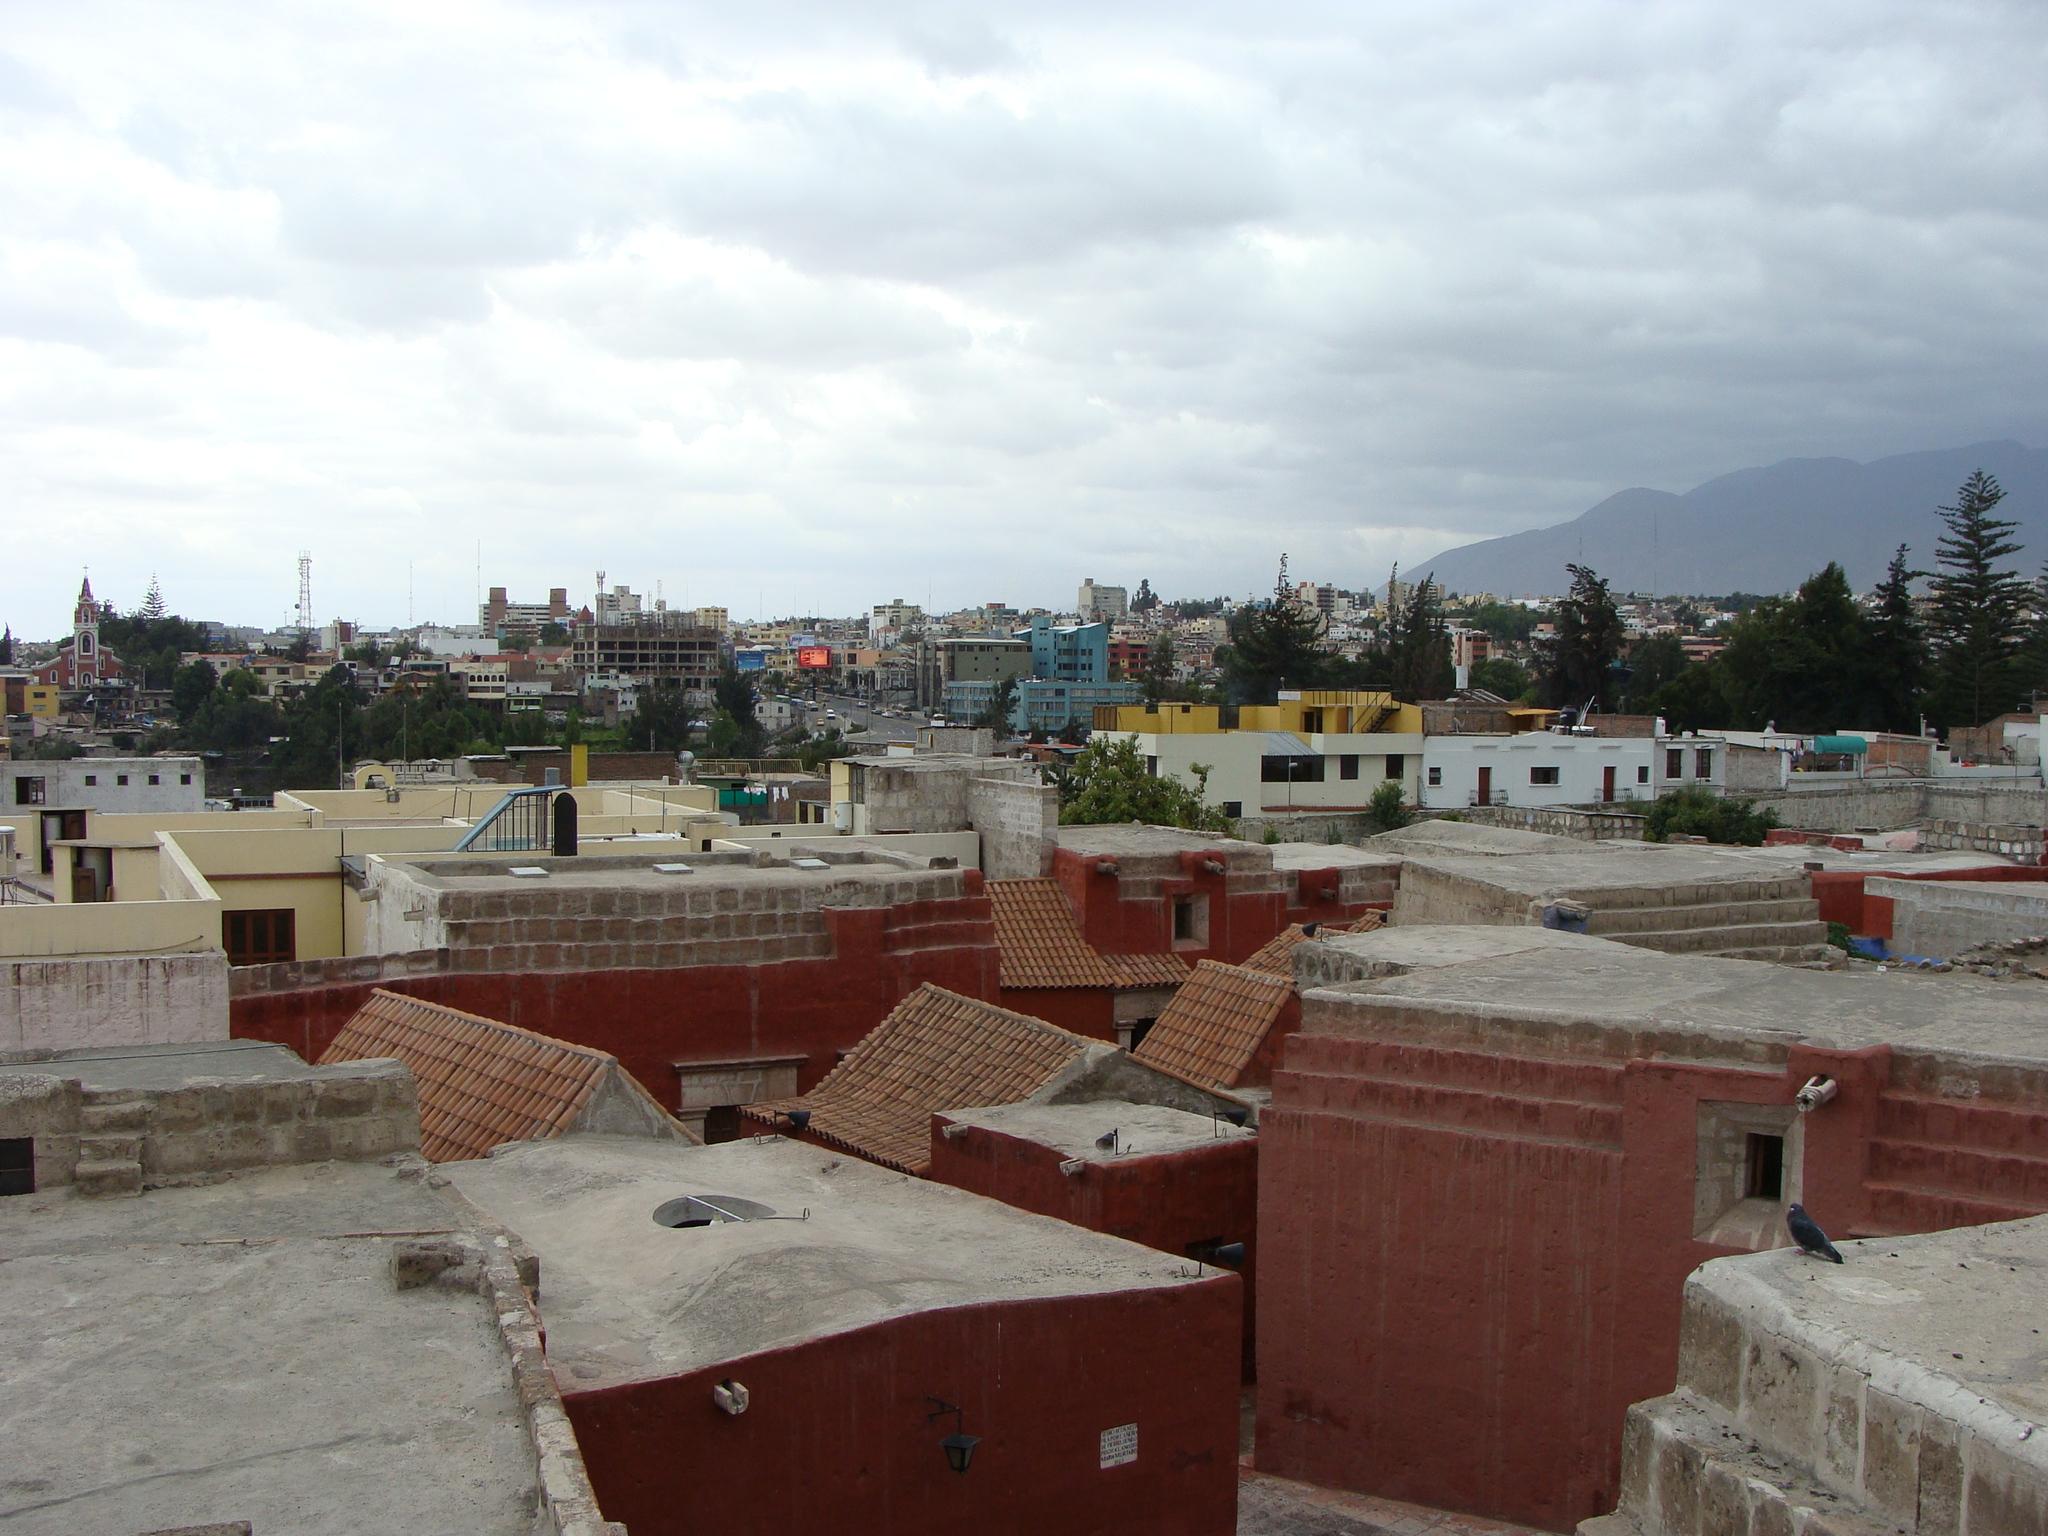 Arequipa  - Santa Catalina - pohled na město 20. 2. 2012 13:09.